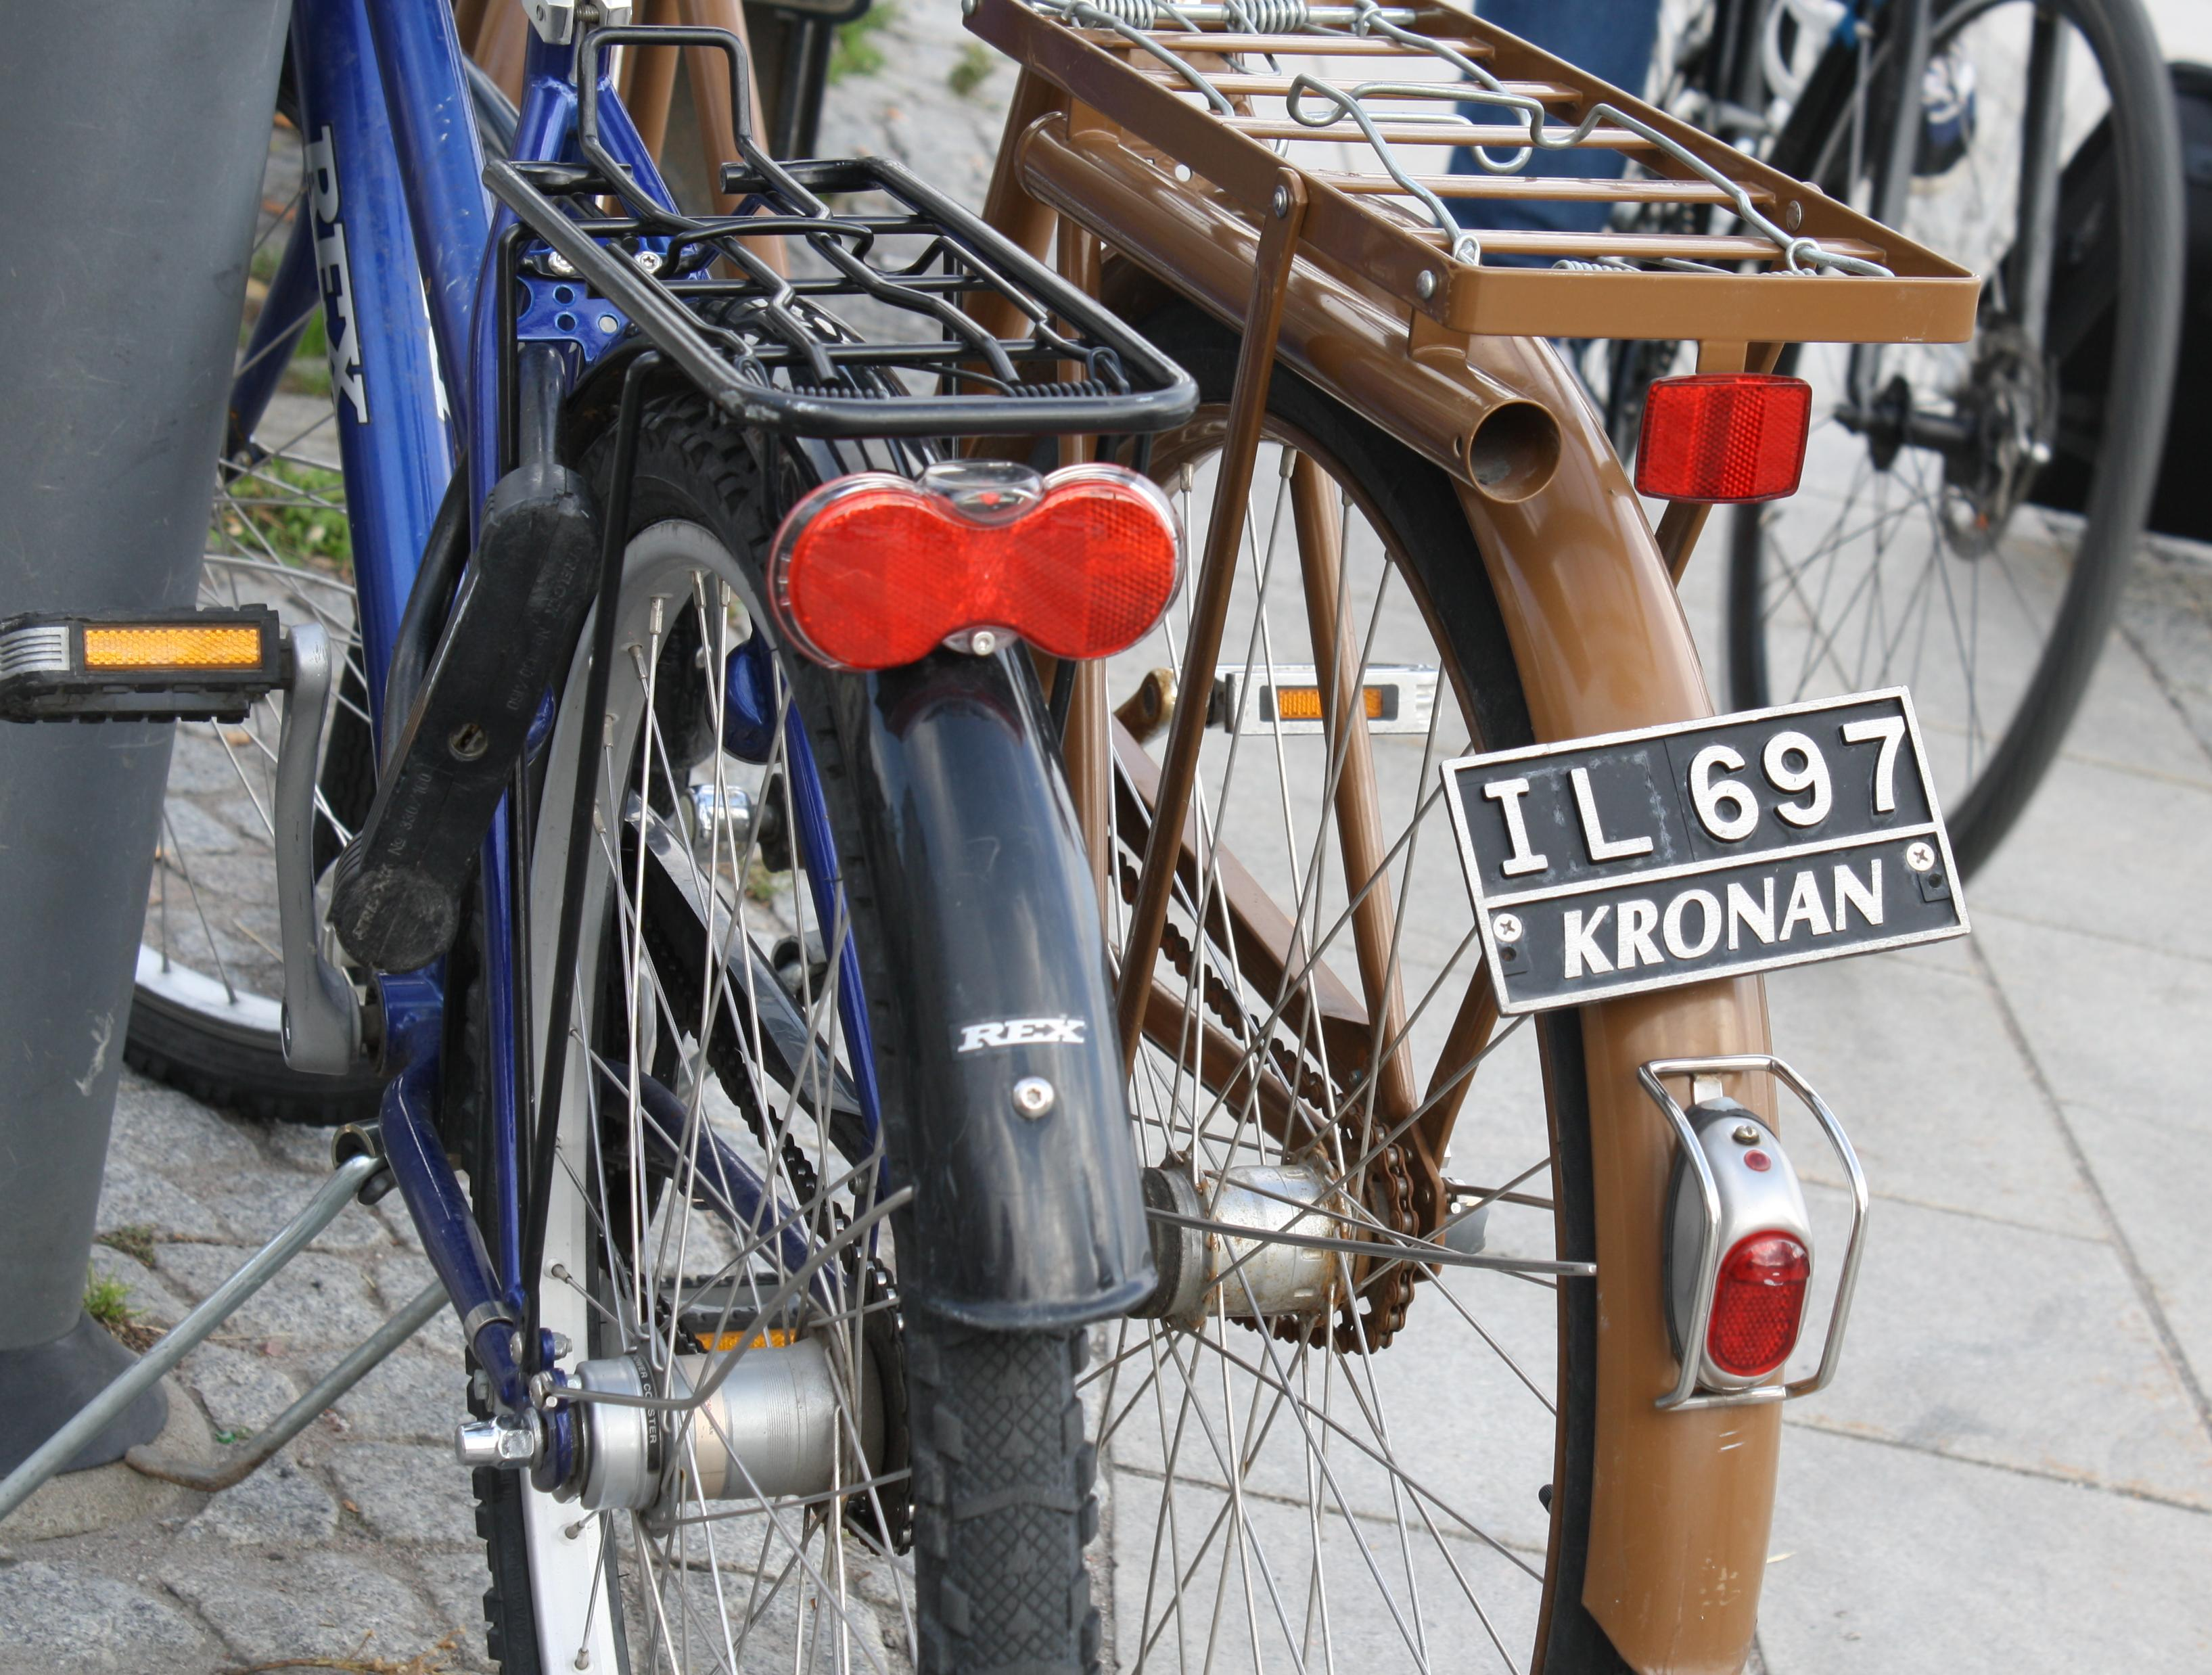 Шведы и велосипеды, или Полтора дня в сказке